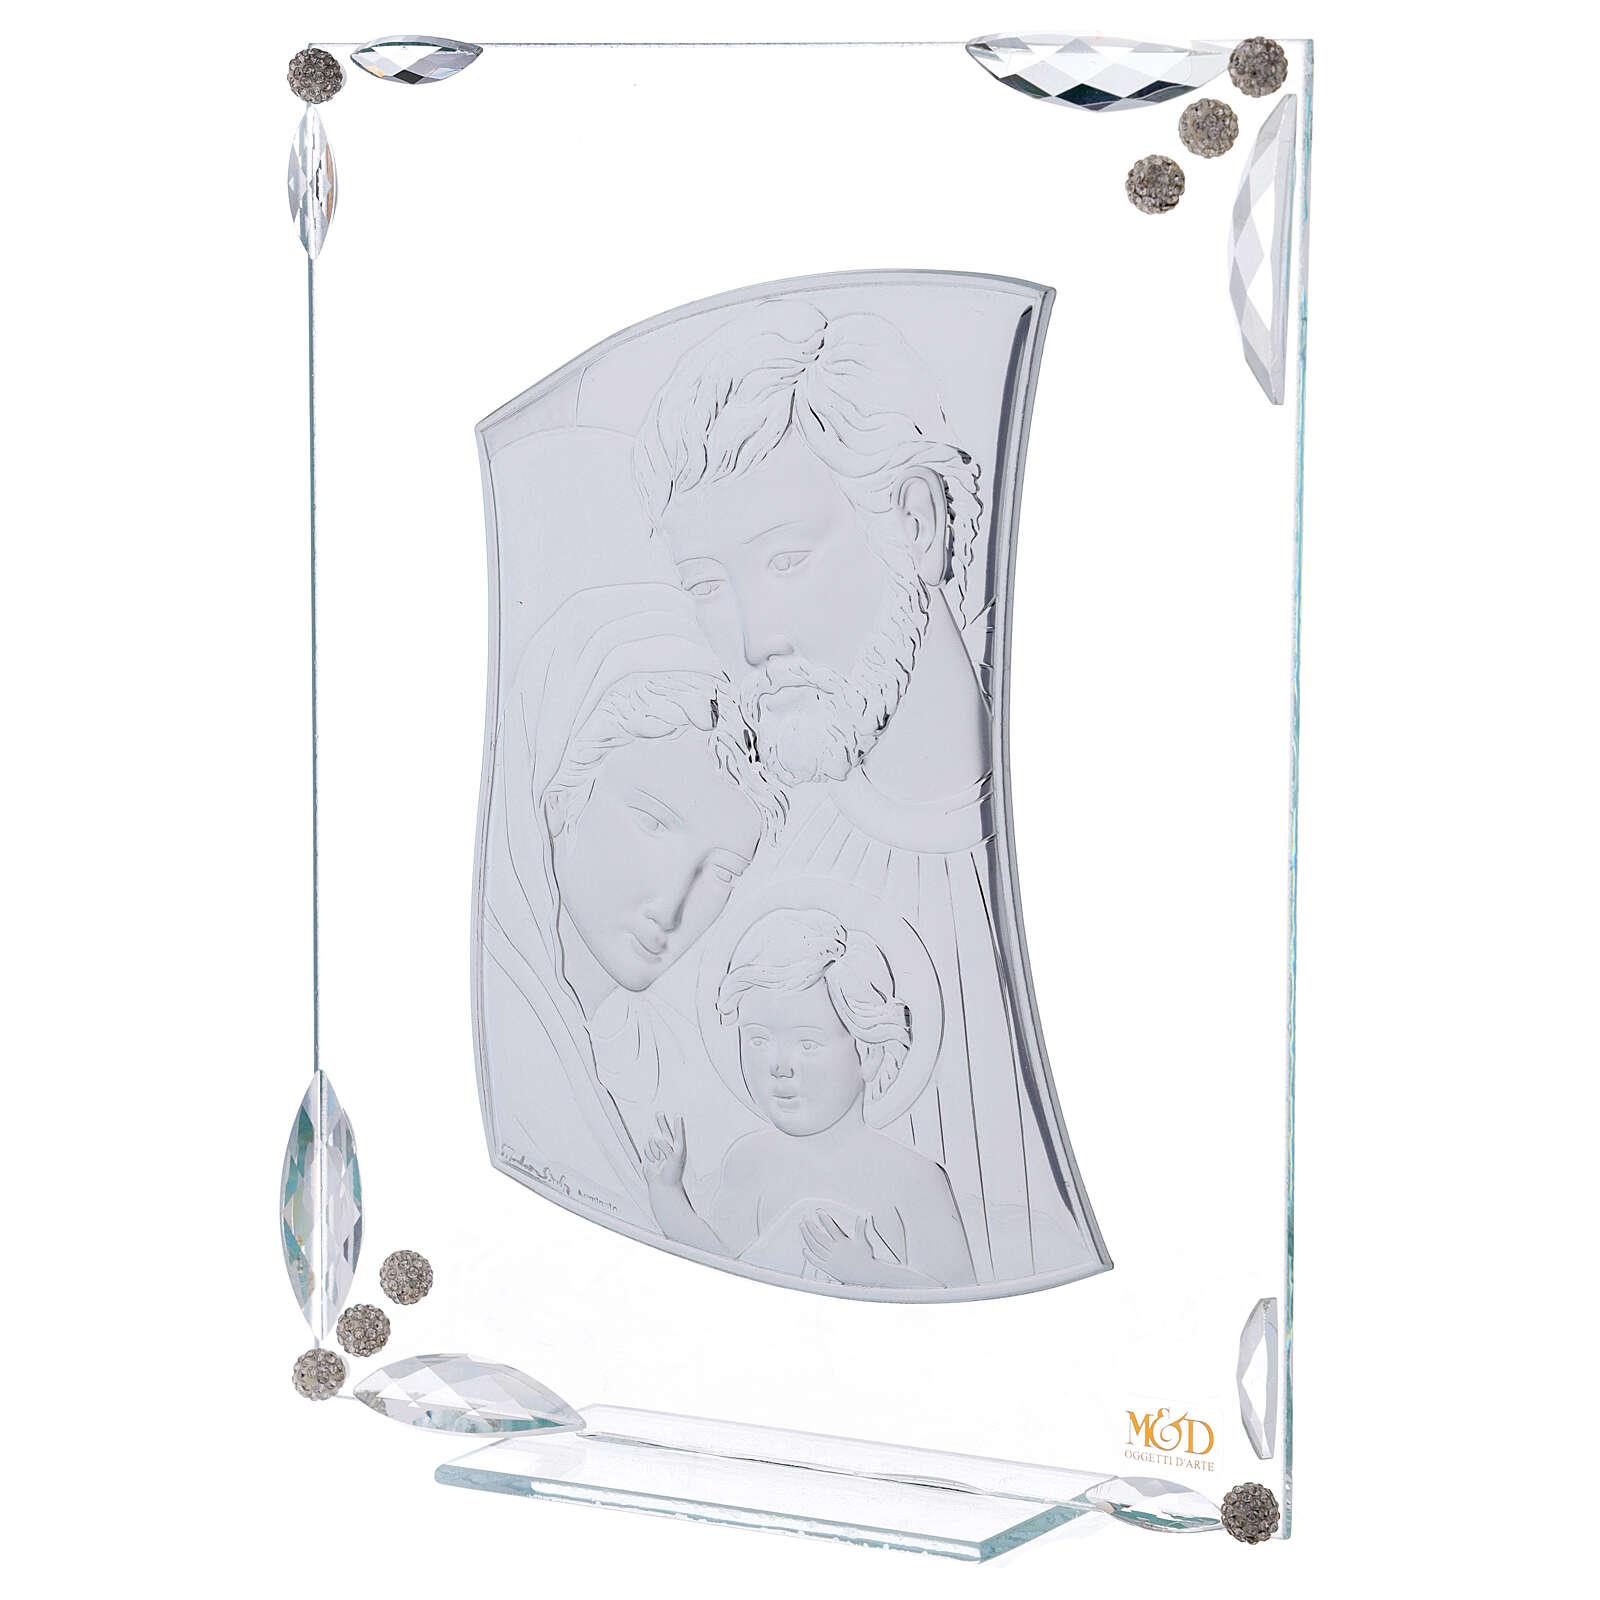 Cuadrito Sagrada Familia bilaminado y cristales 25x20 cm 3